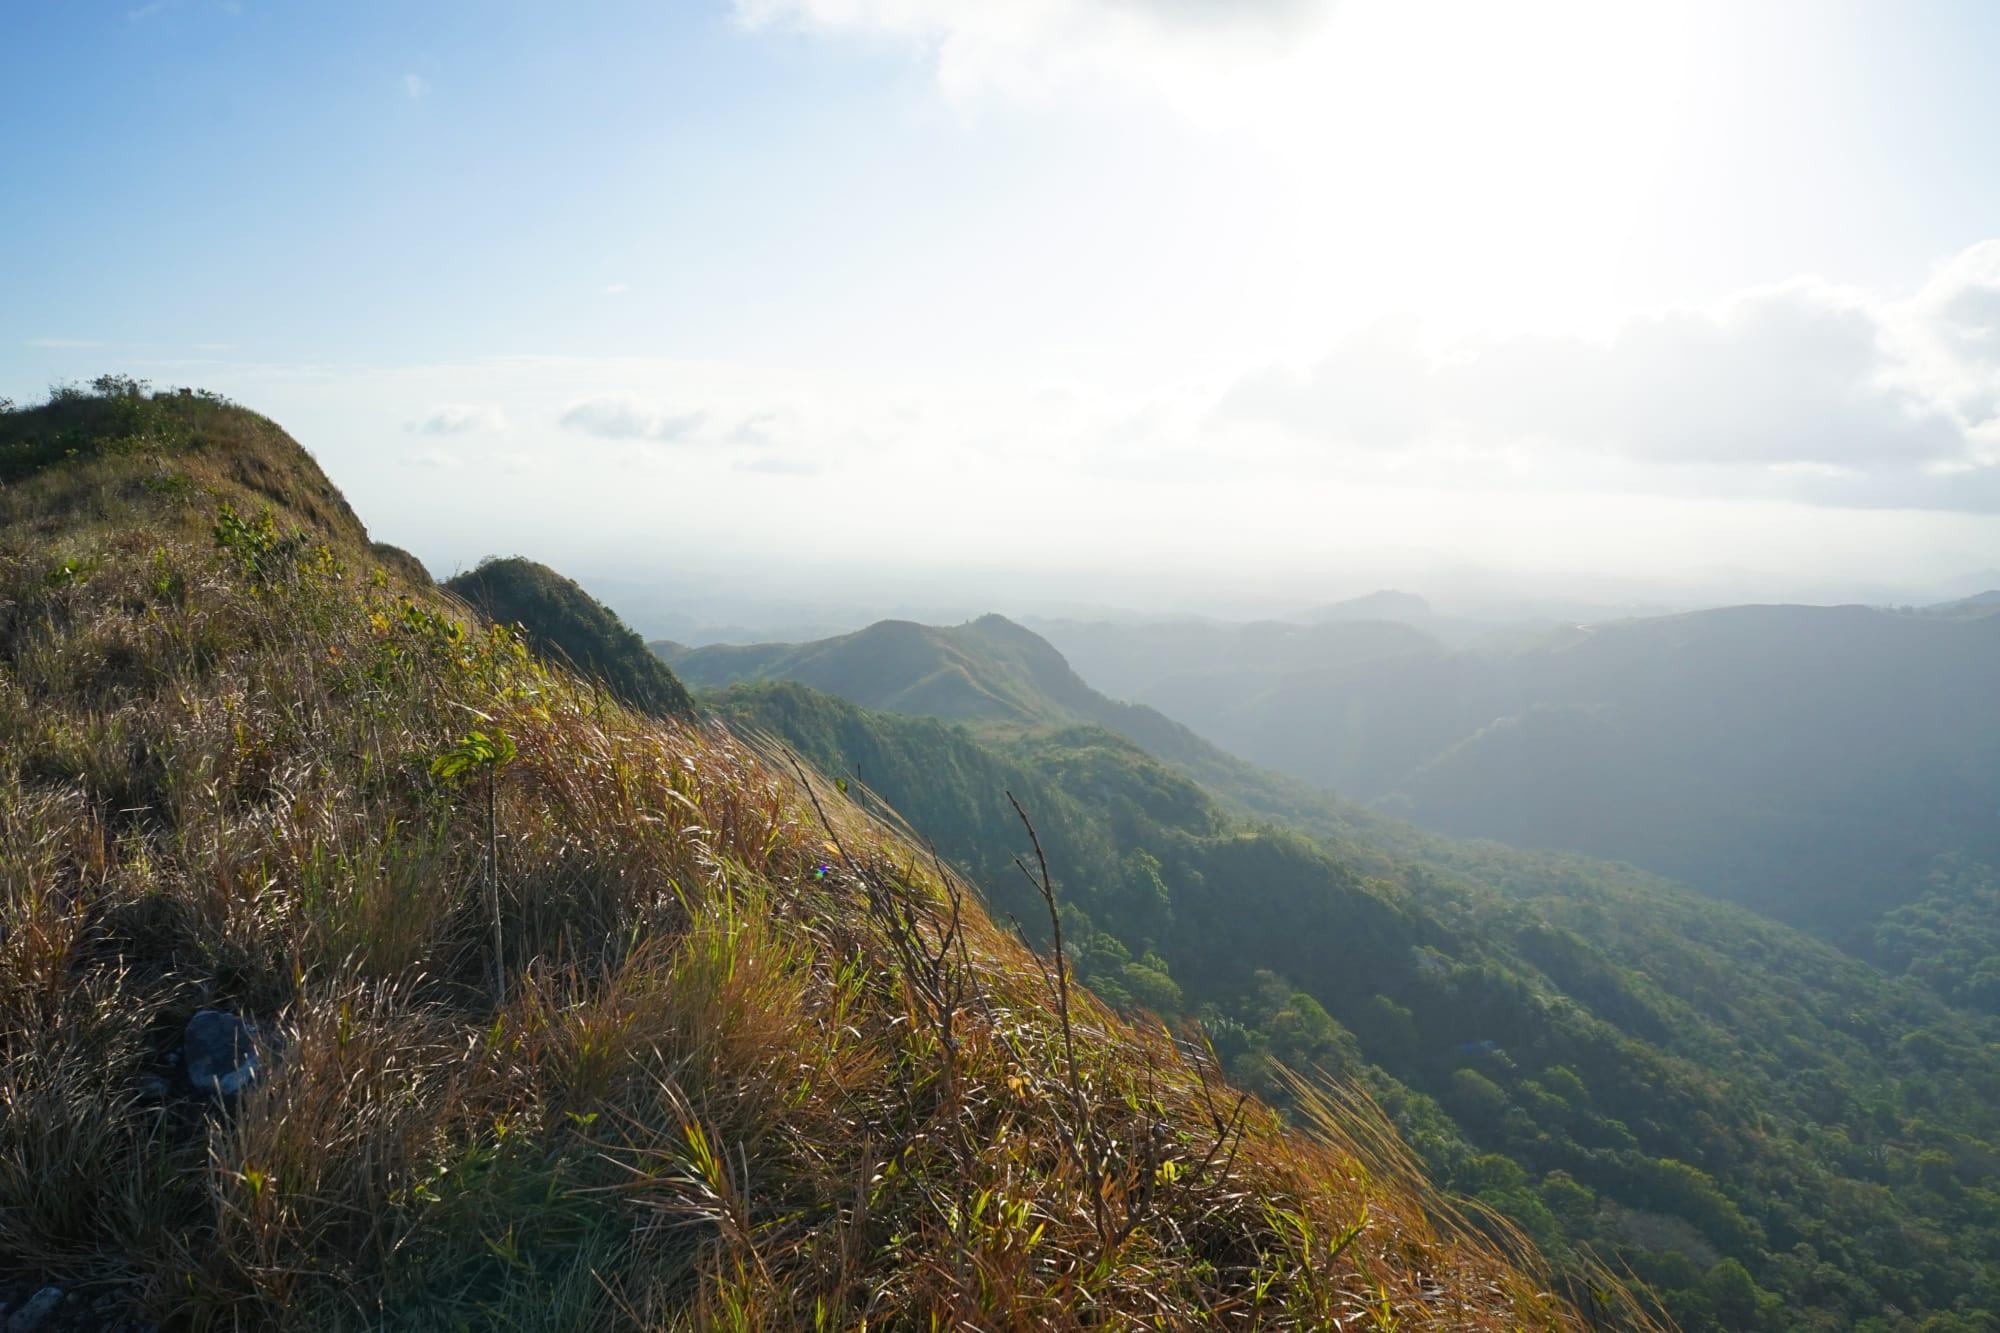 Blick über die Berge im Valle de Anton in Panama